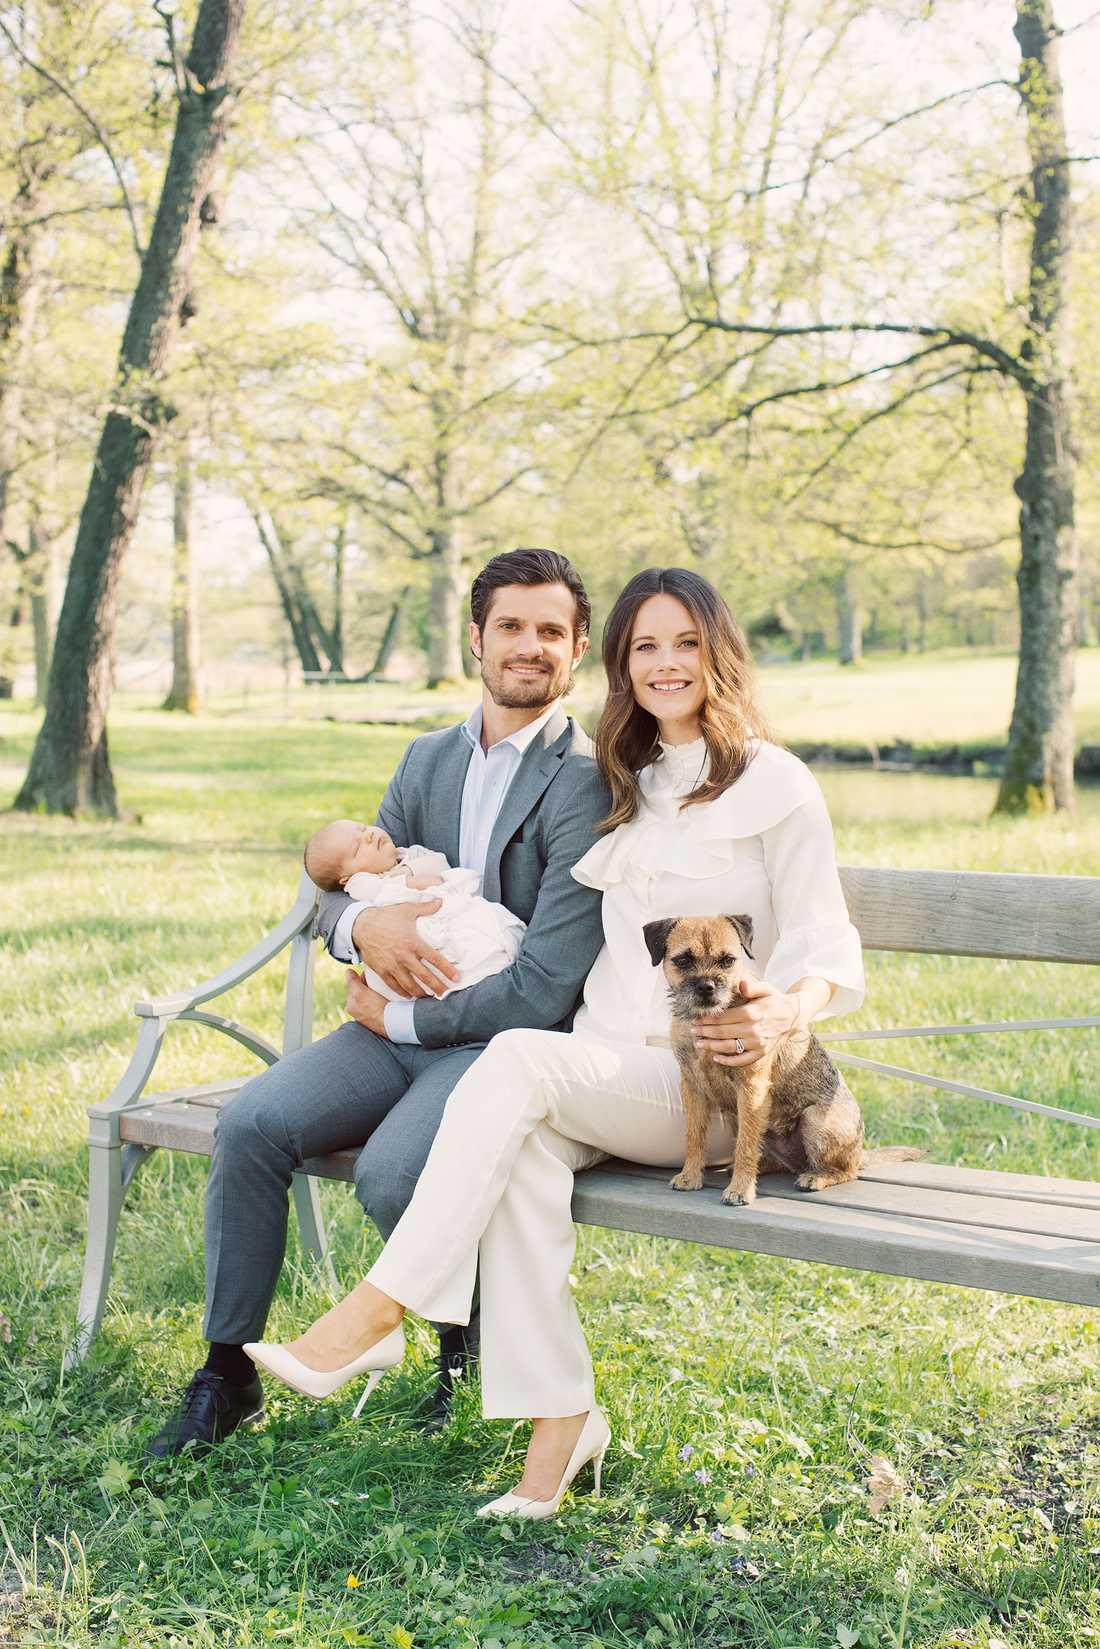 Prinsparet Carl Philip och Sofia tackar för grattishälsningarna i samband med sonen Alexanders födelse. Här tillsammans med borderterriern Siri.